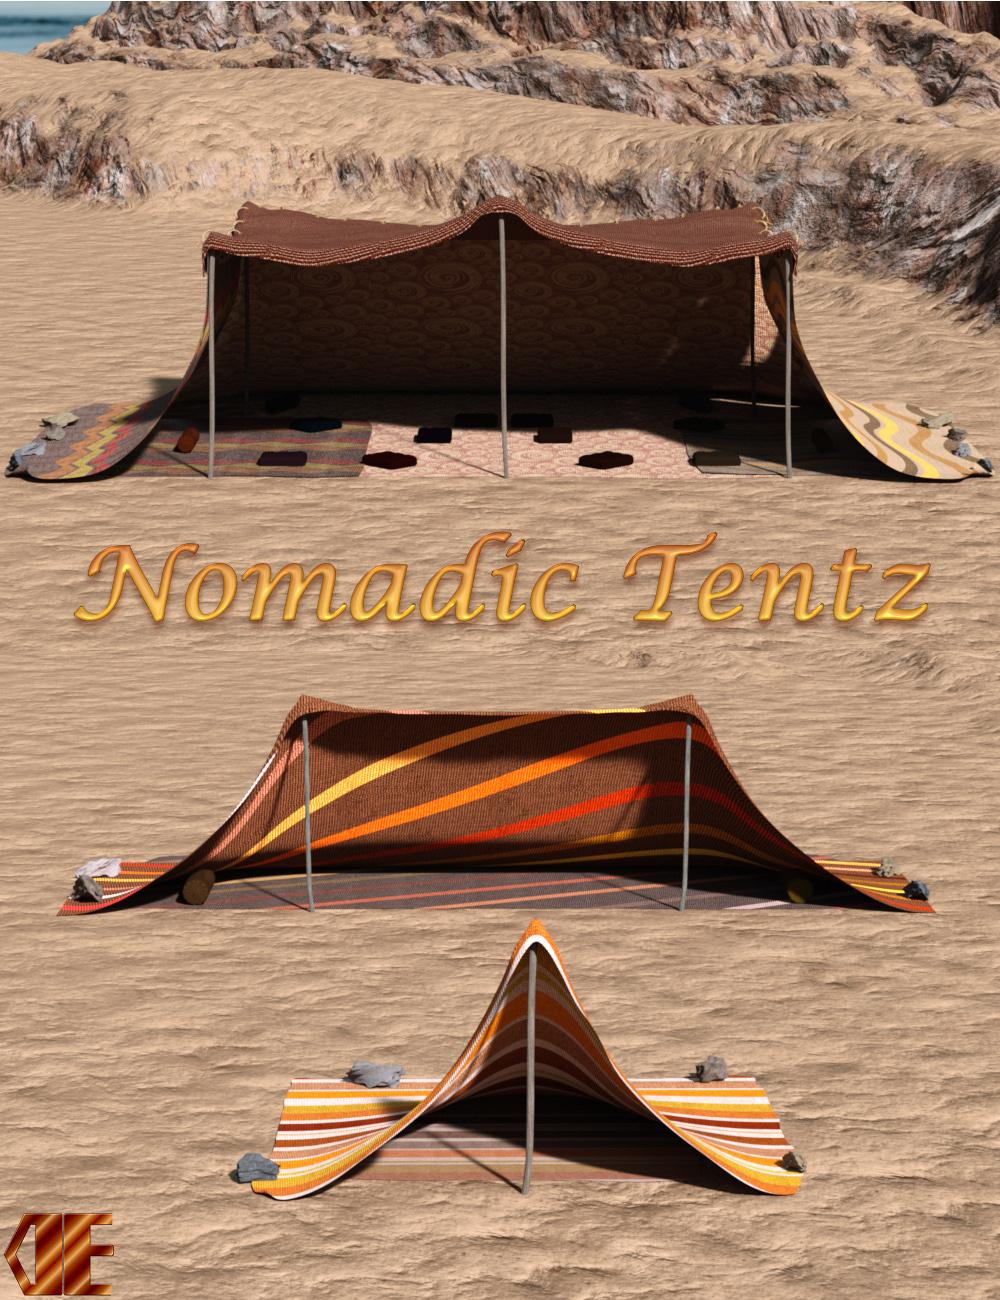 DE Nomadic Tentz by: Dark-Elf, 3D Models by Daz 3D